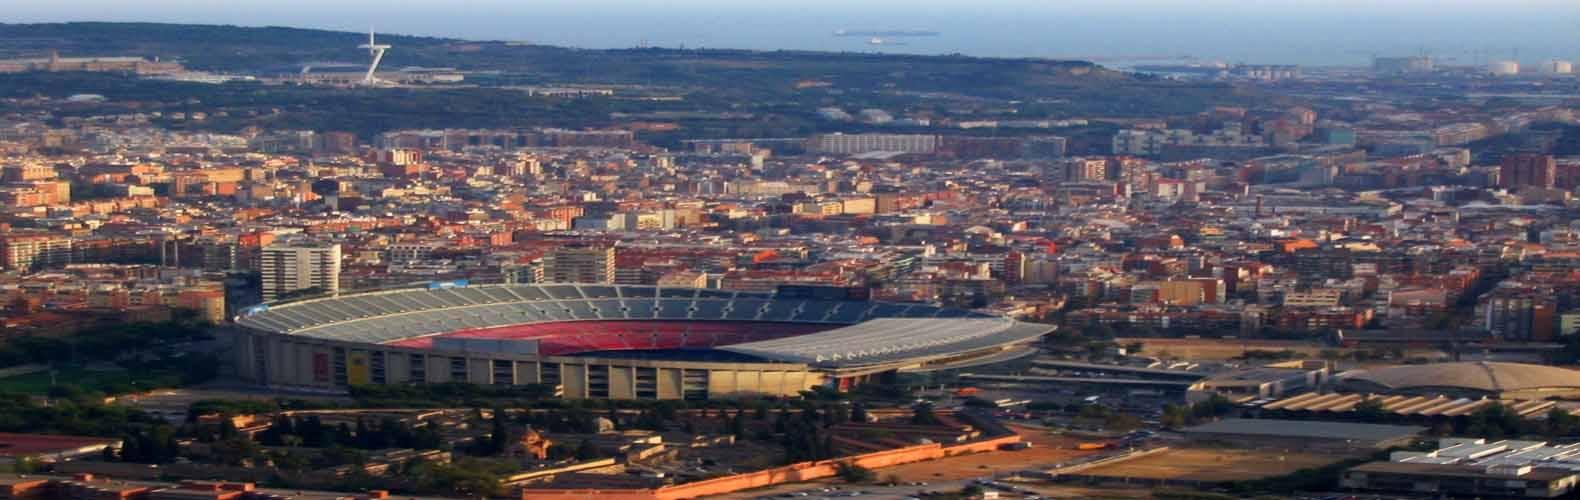 Piso en venta en les Corts de Barcelona